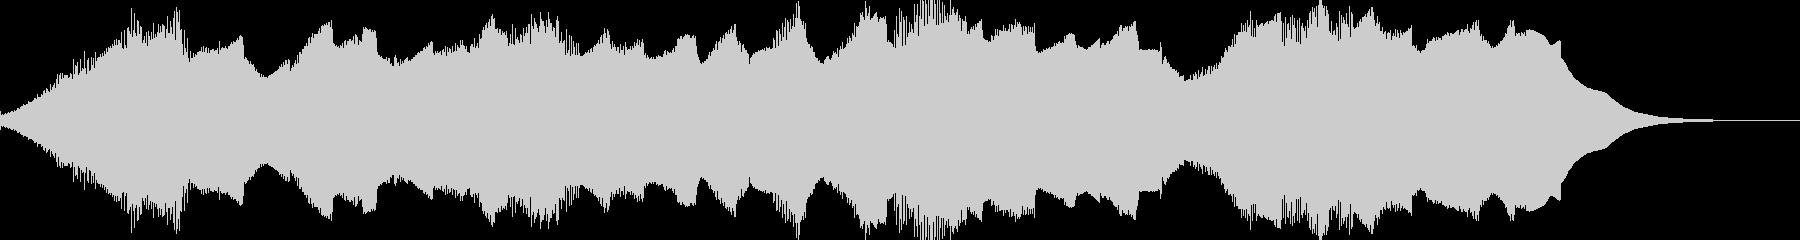 ホラー動画★タイトル/ナレーション用の未再生の波形